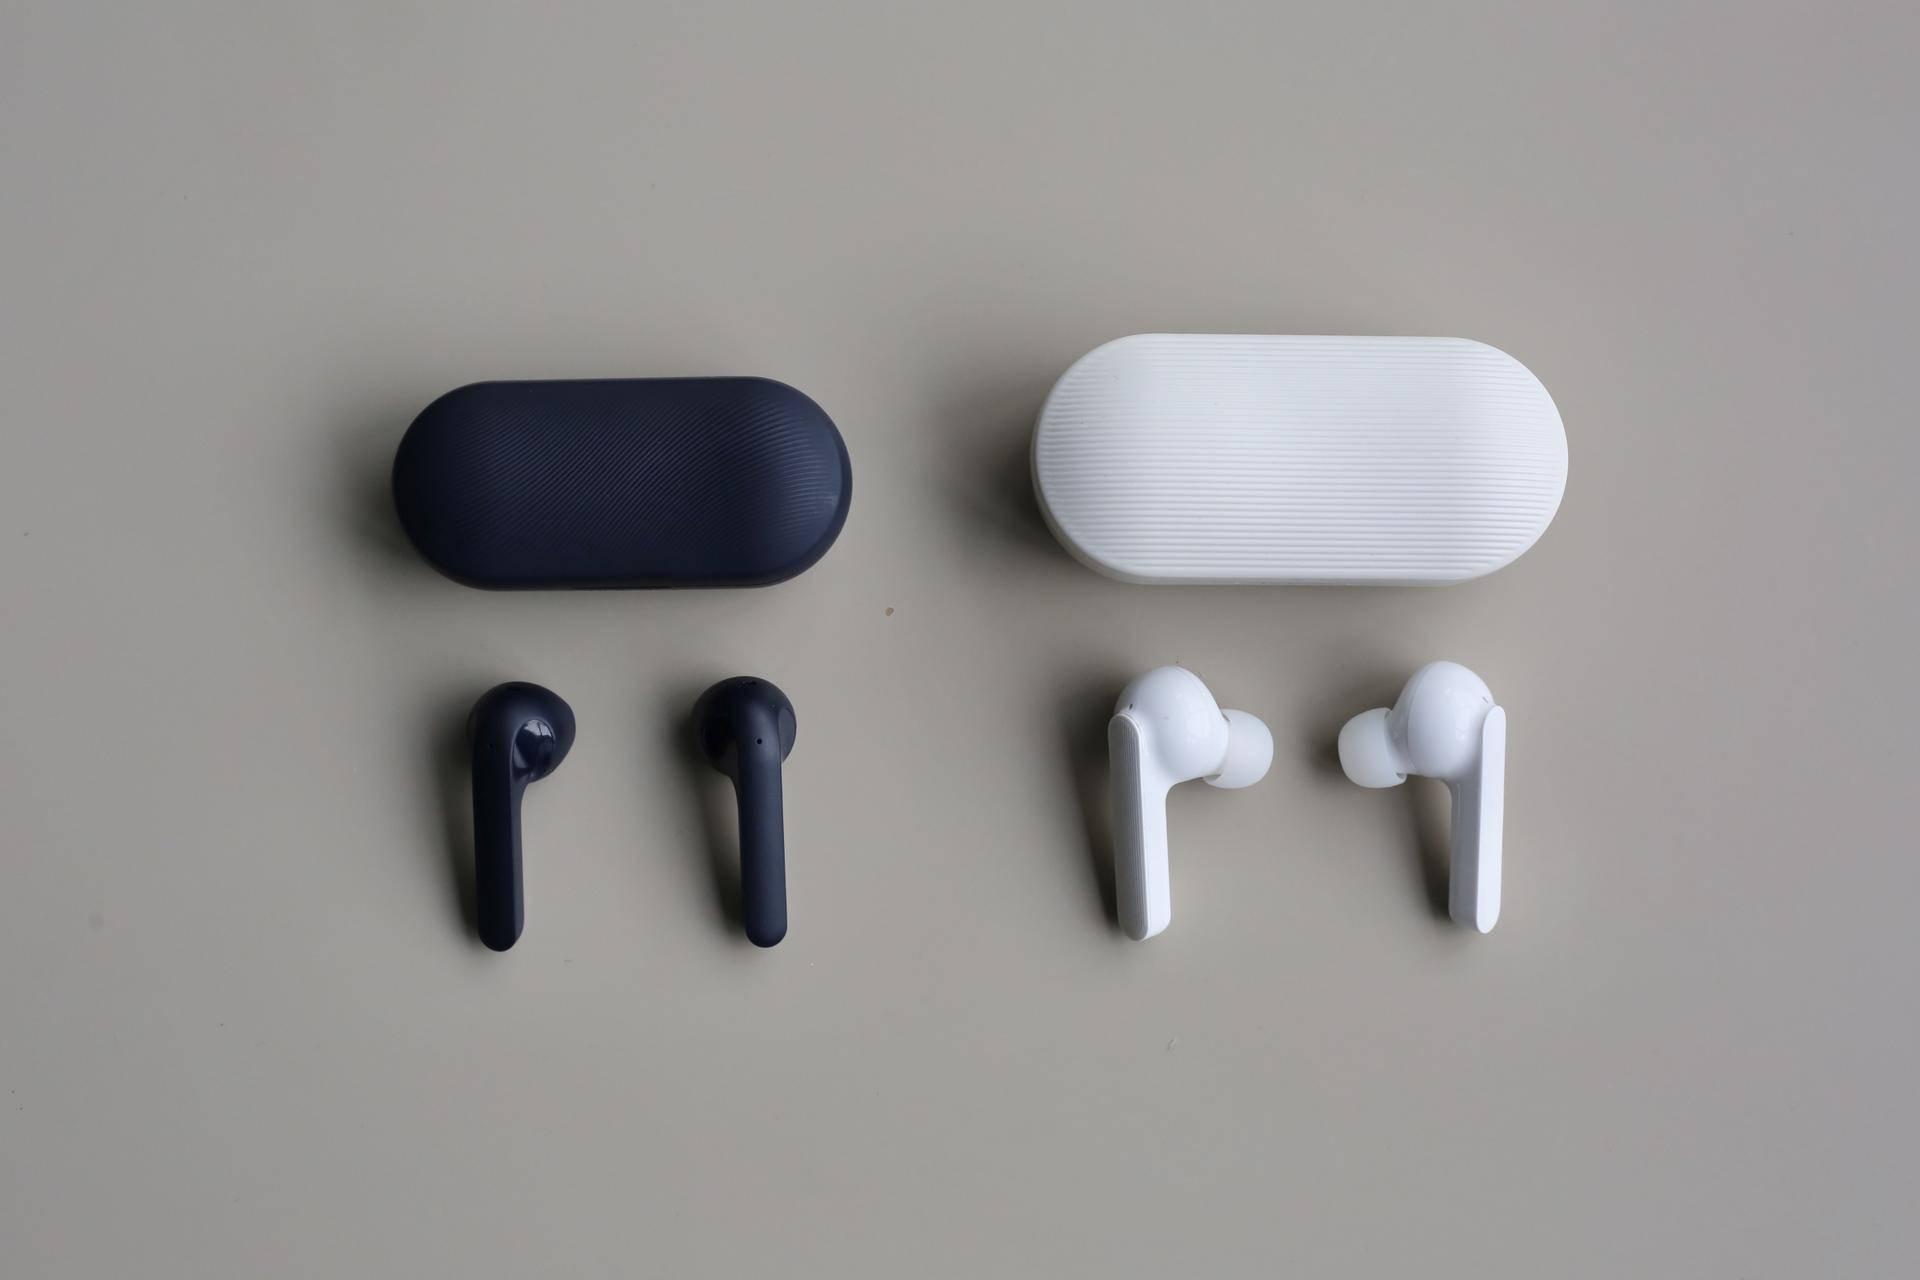 Les Xiaomi TicPods 2 Pro annoncés : contrôle par mouvement, Bluetooth 5.0, Apt-X et réduction de bruit active